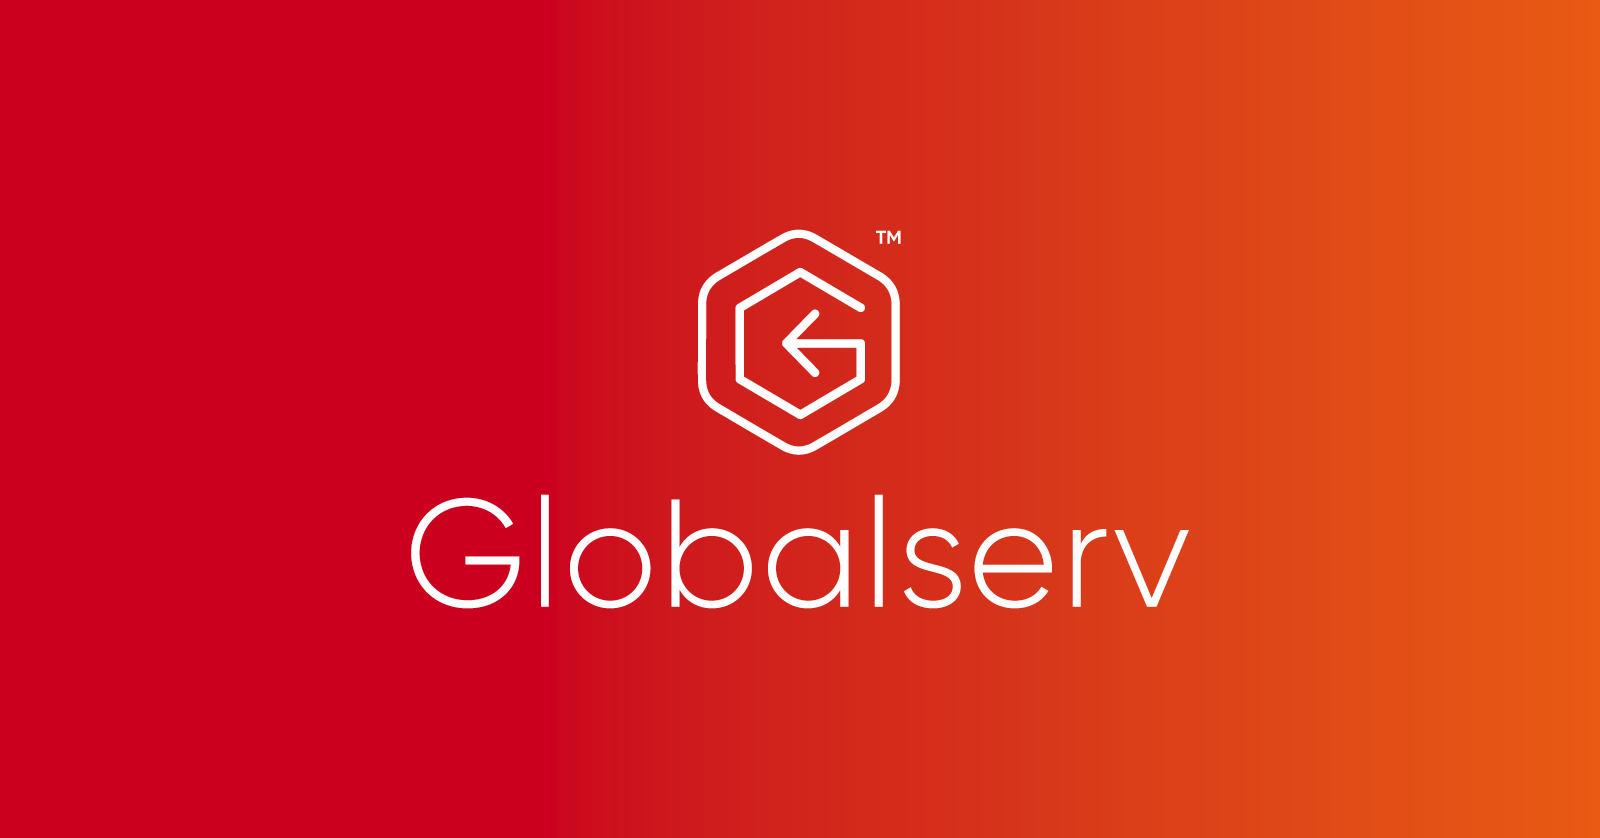 Globalserv